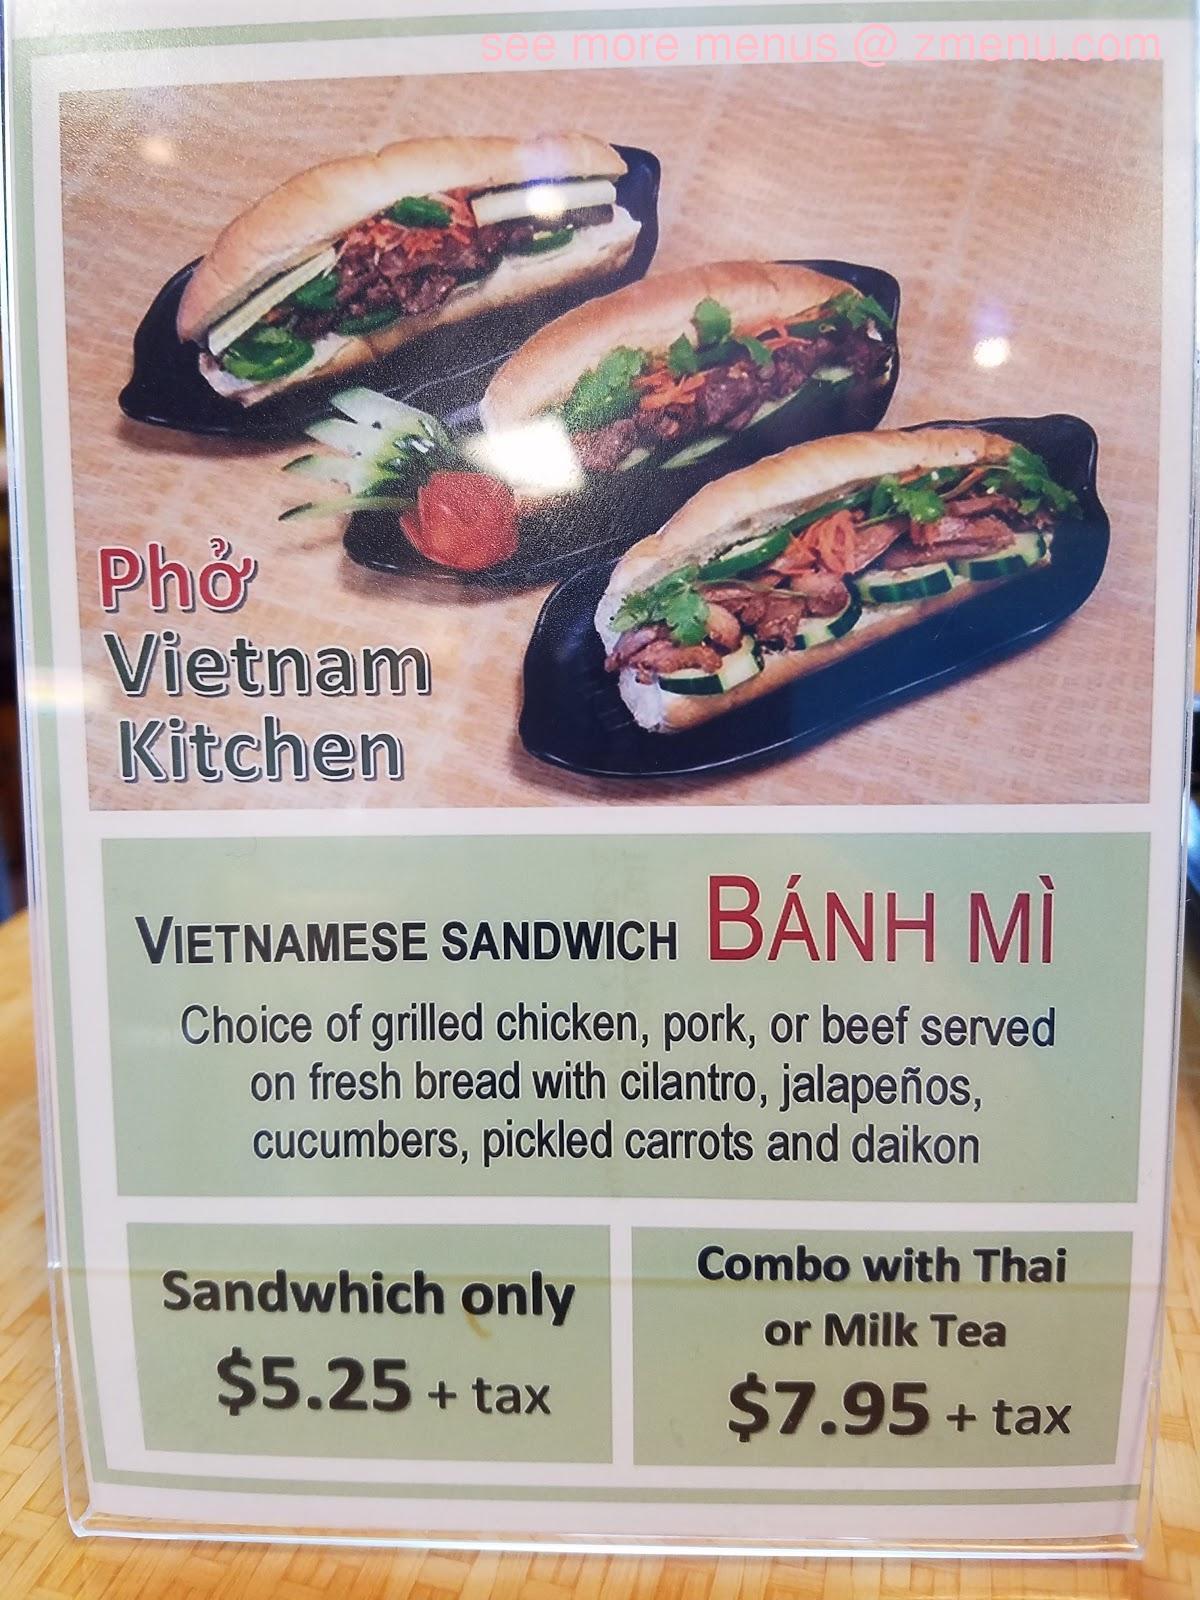 Online Menu Of Pho Vietnam Kitchen Restaurant West Covina